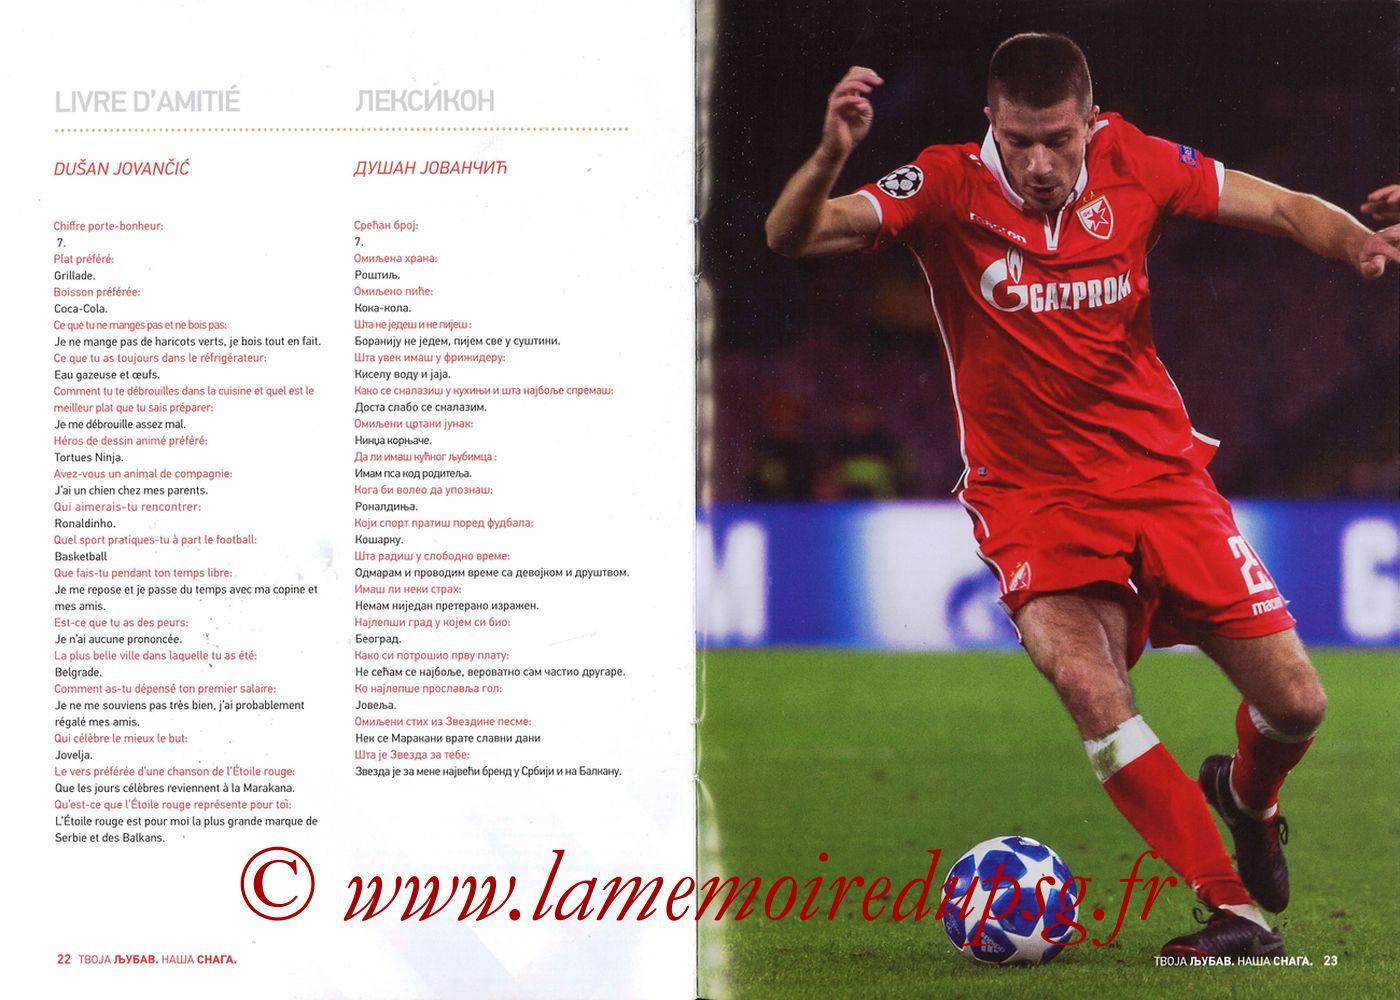 2018-12-11  Etoile Rouge de Belgrade-PSG (6ème C1, Programme officiel) - Pages 22 et 23